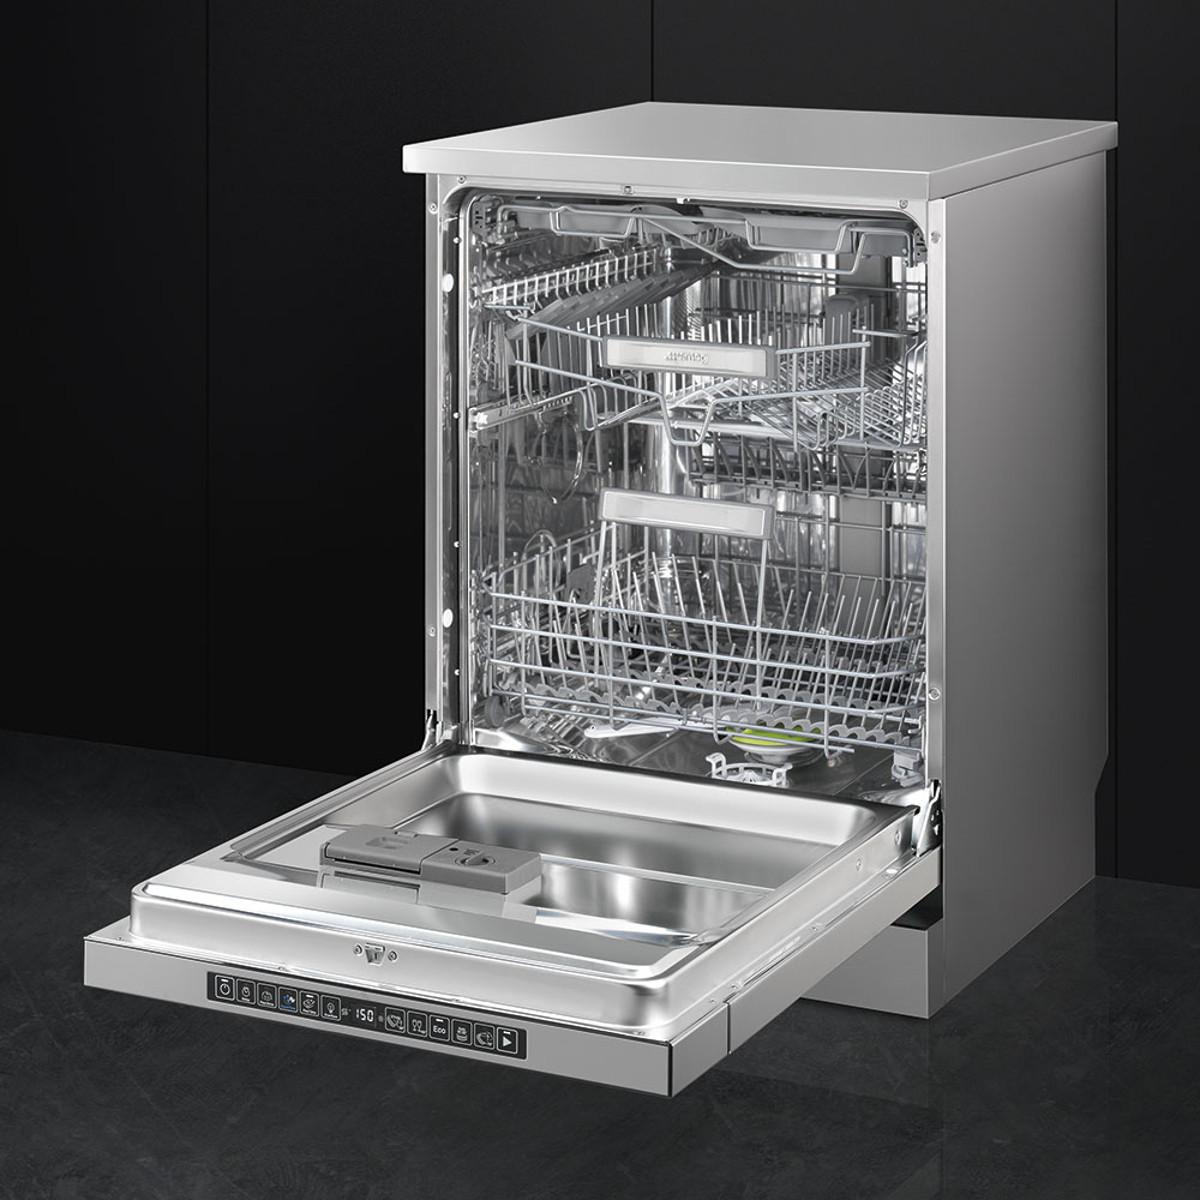 buy smeg df614ptx new 60cm dishwasher